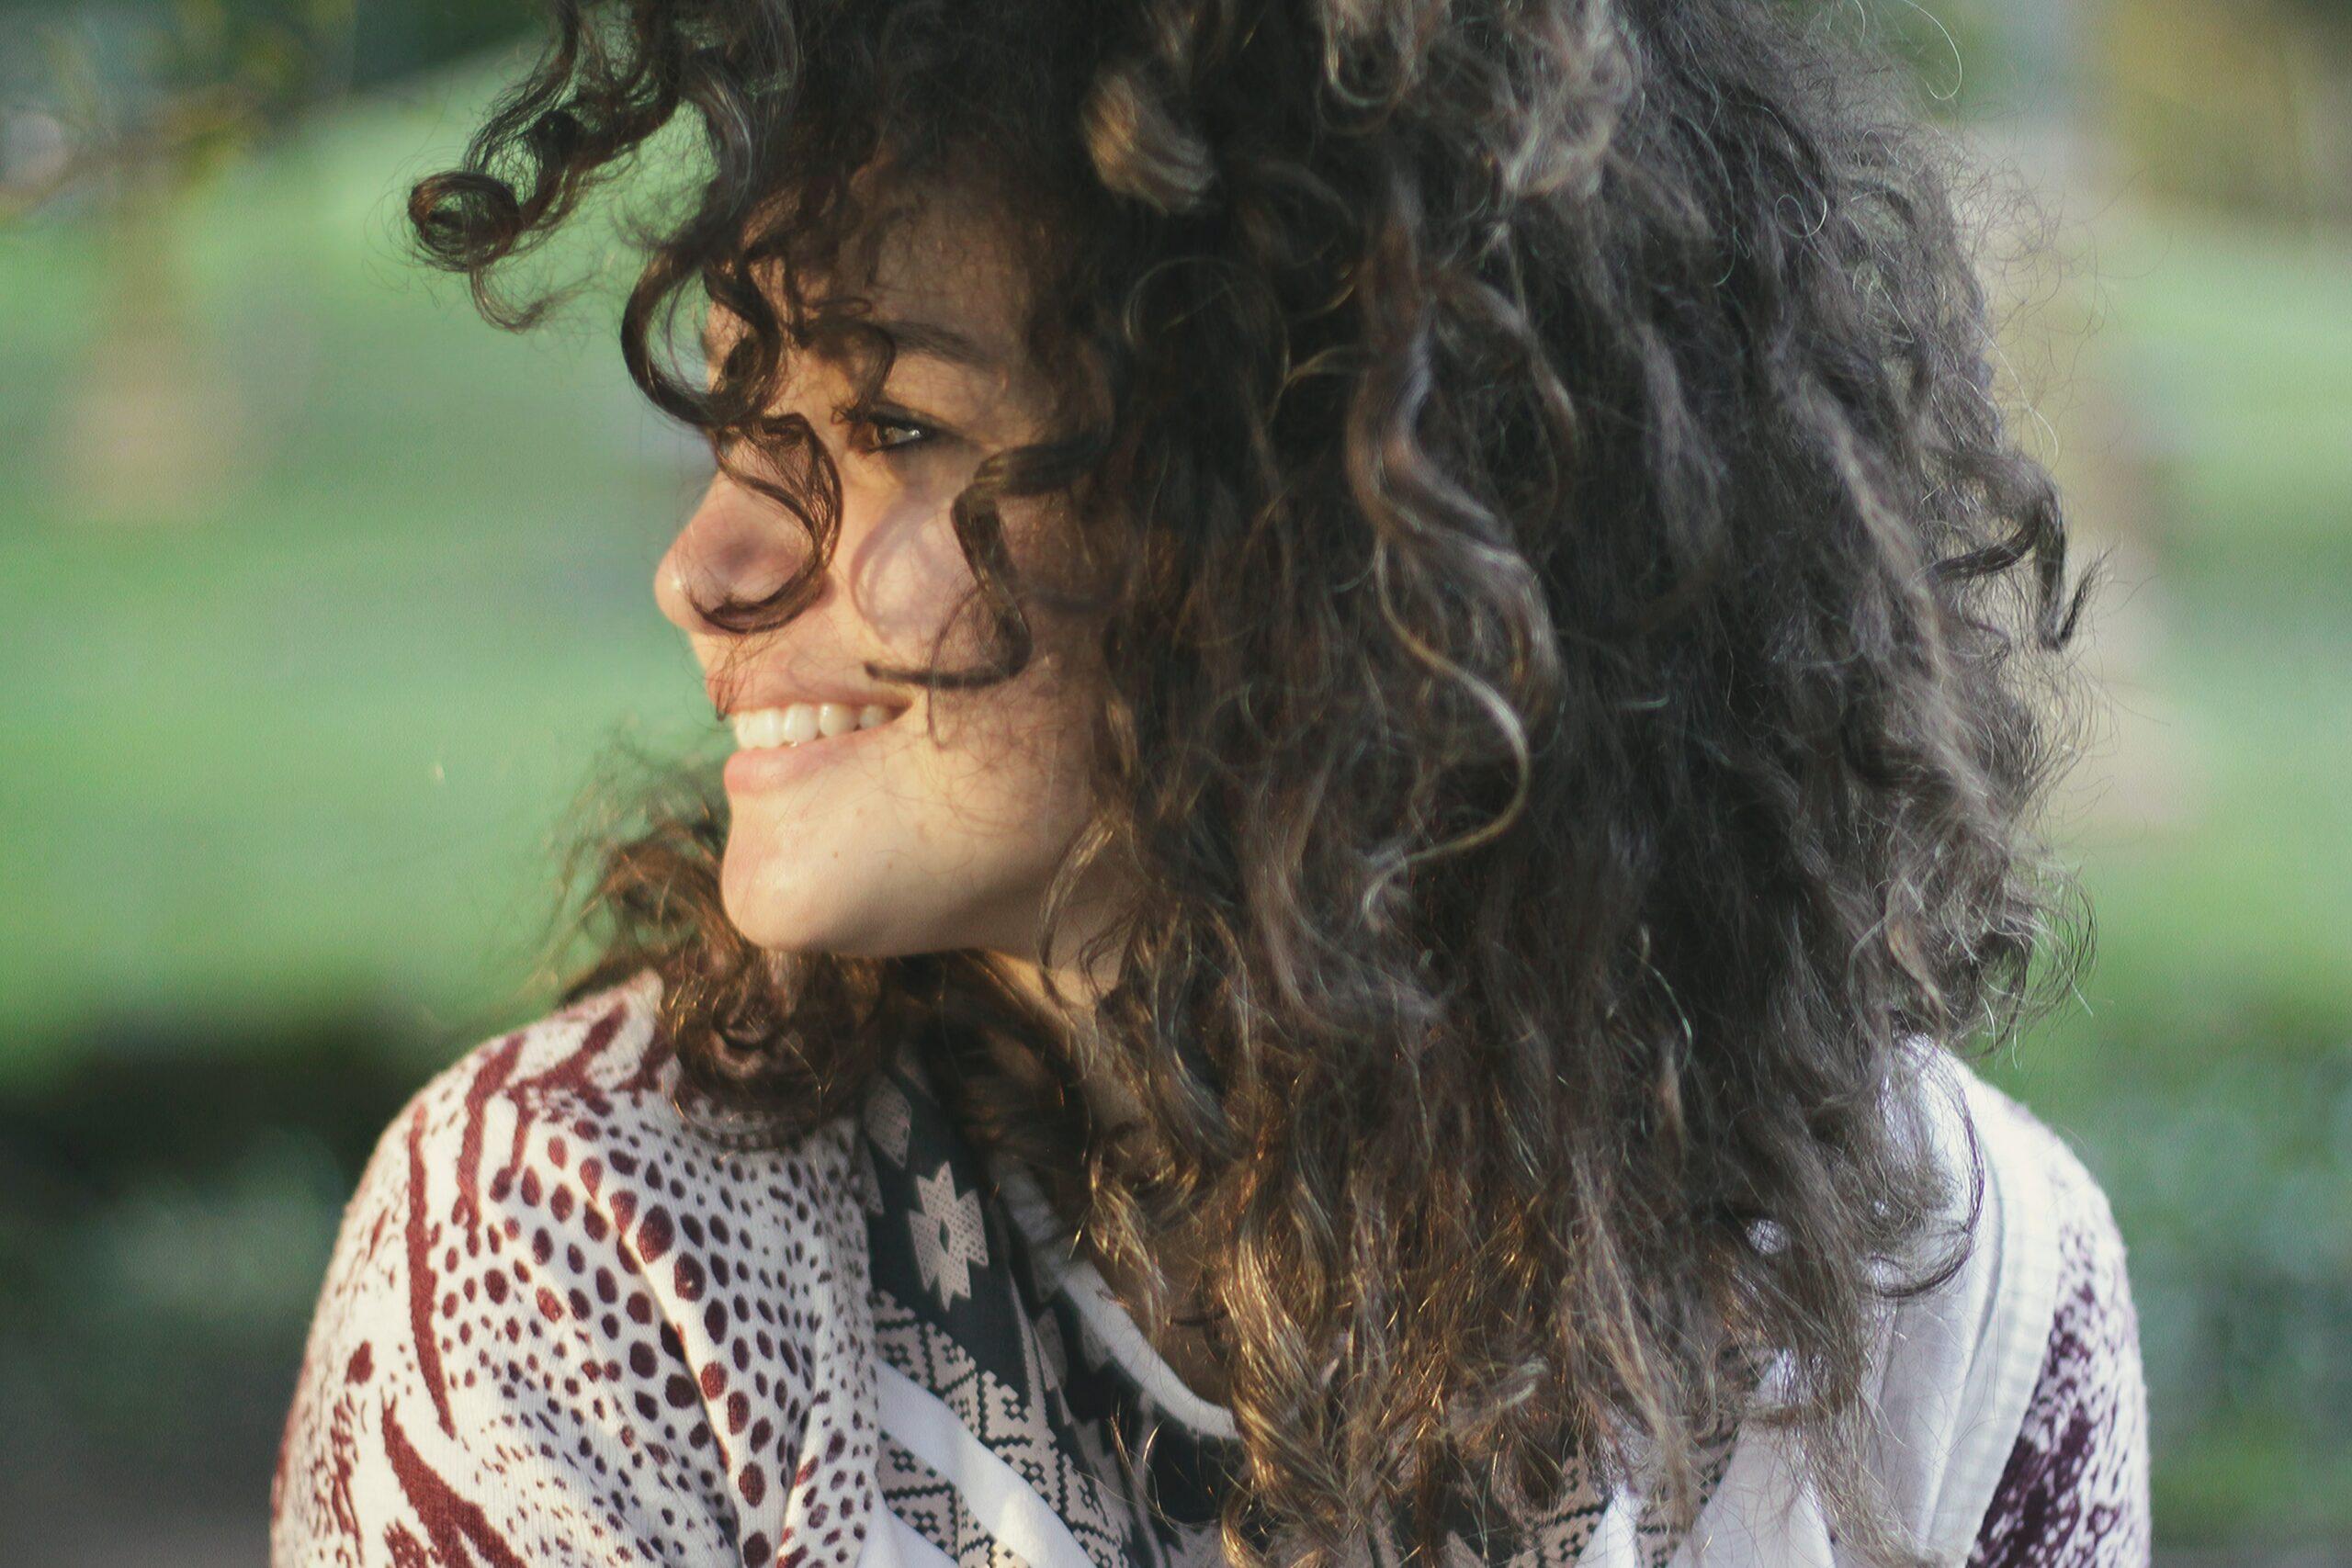 emprestimo-para-negativado-mulher-sorrindo